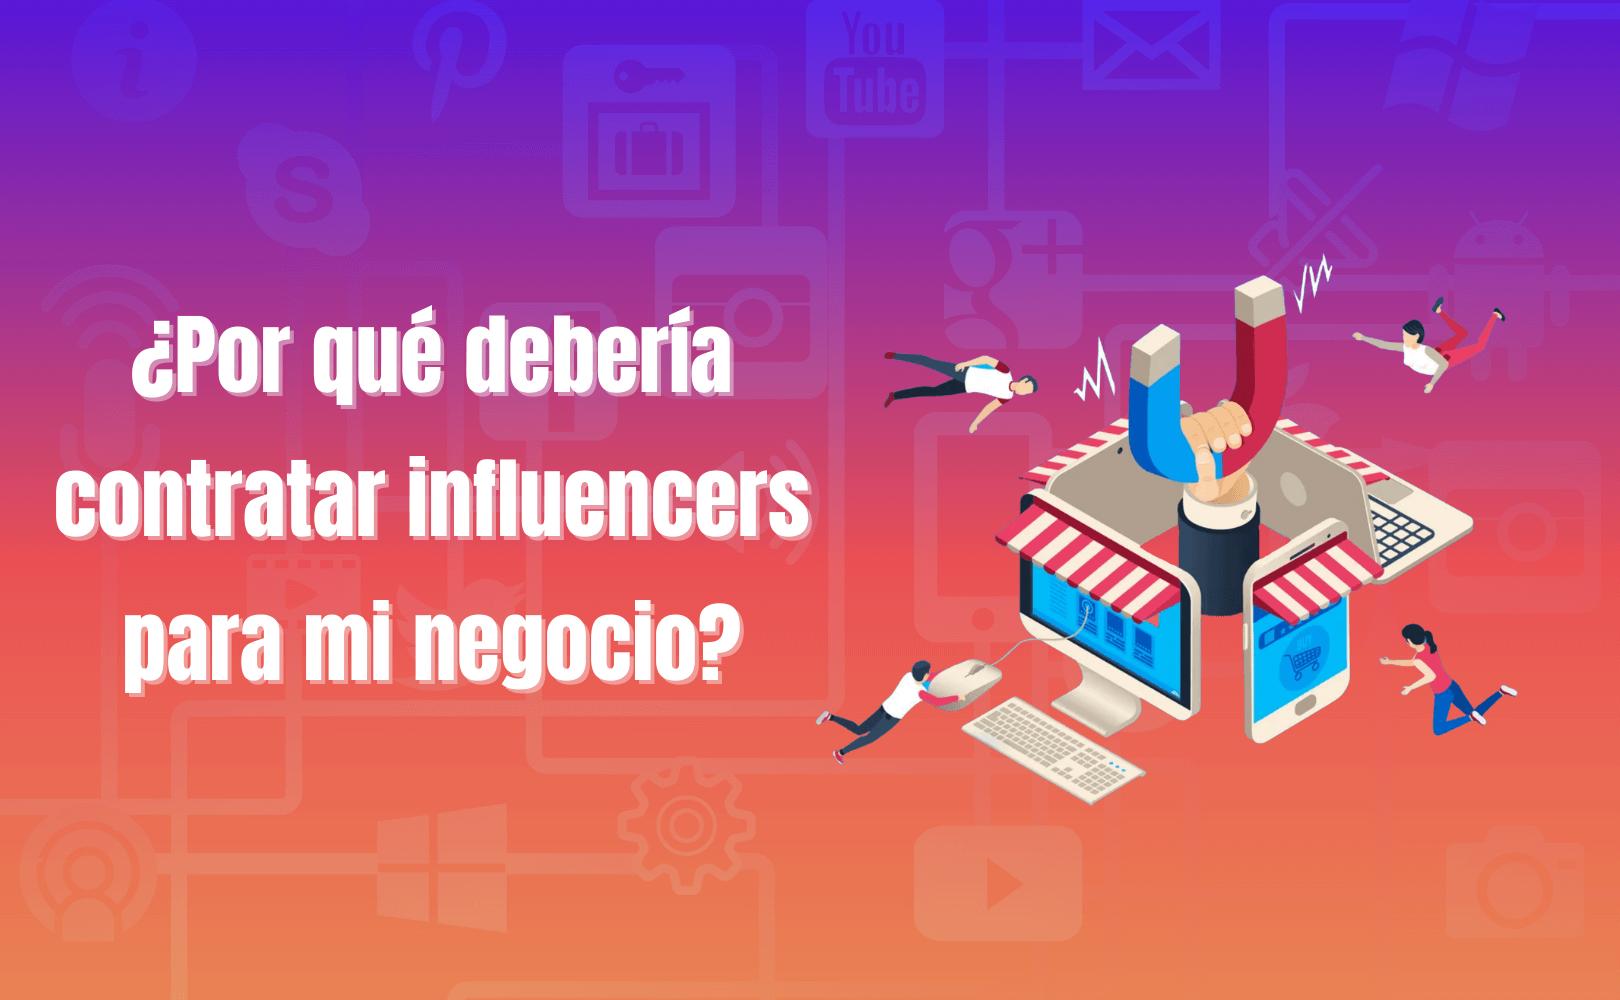 ¿Por qué debería contratar influencers para mi negocio?